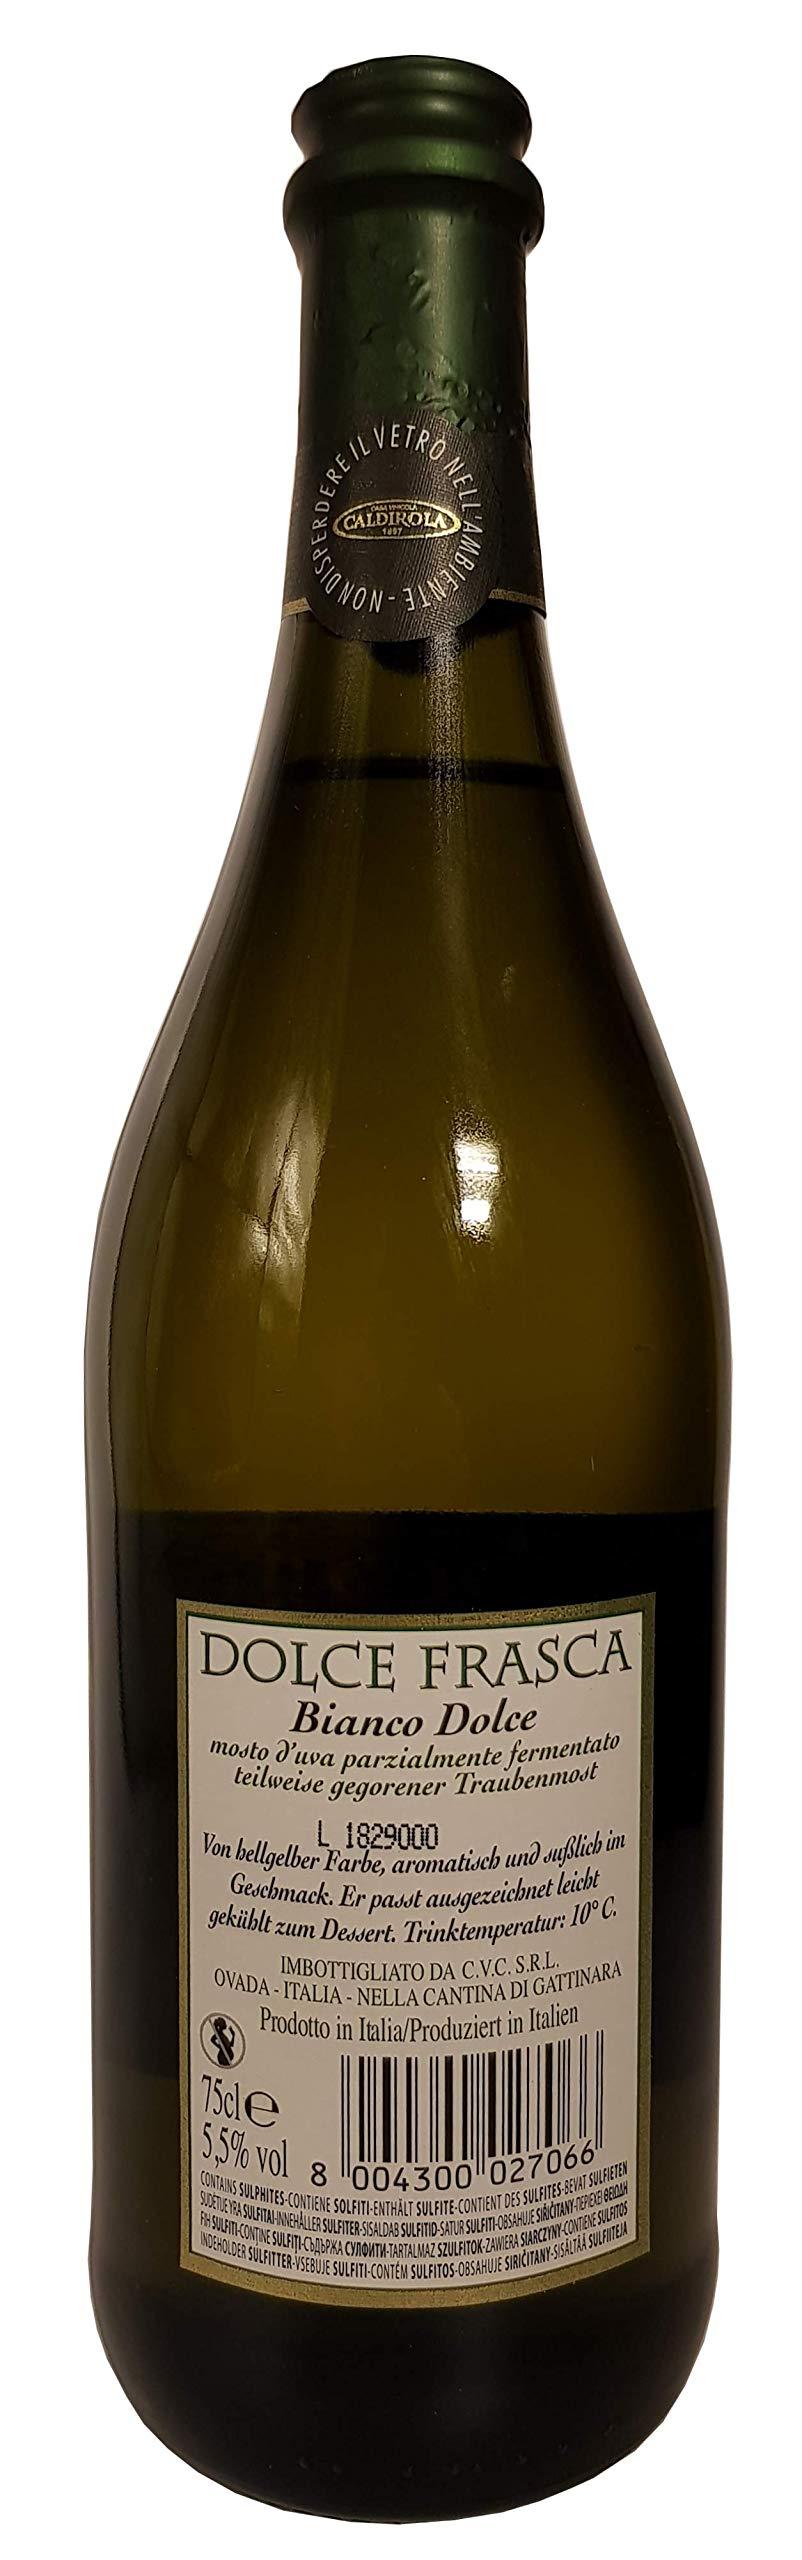 Dolce-Frasca-Caldirola-075lt-6-x-075-lt-weis